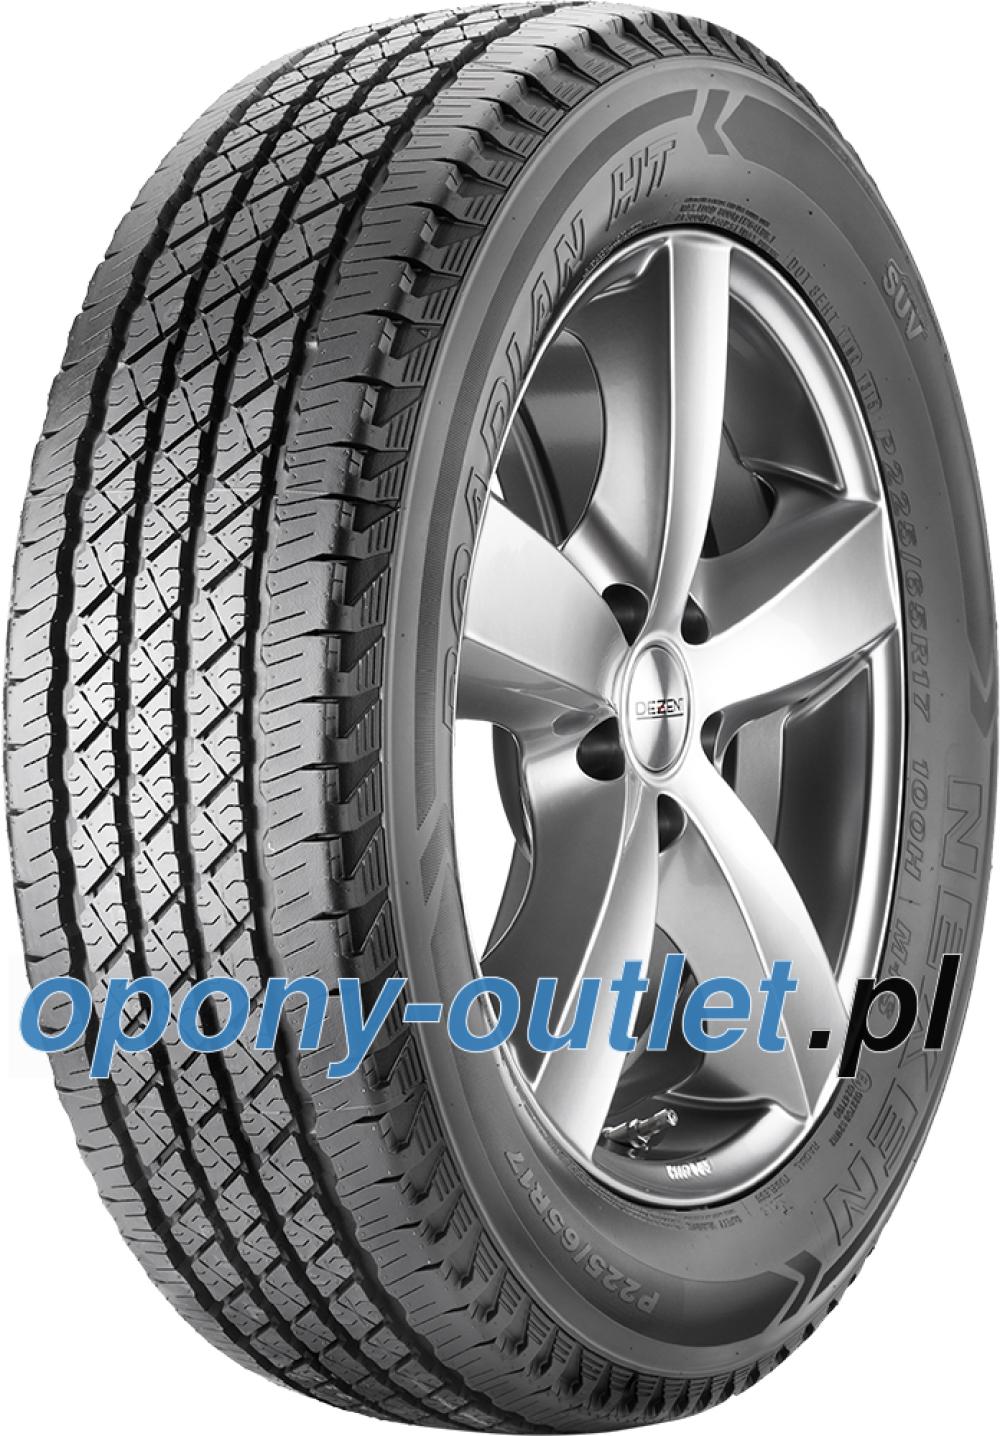 Nexen Roadian HT ( P265/70 R15 110S ROWL )